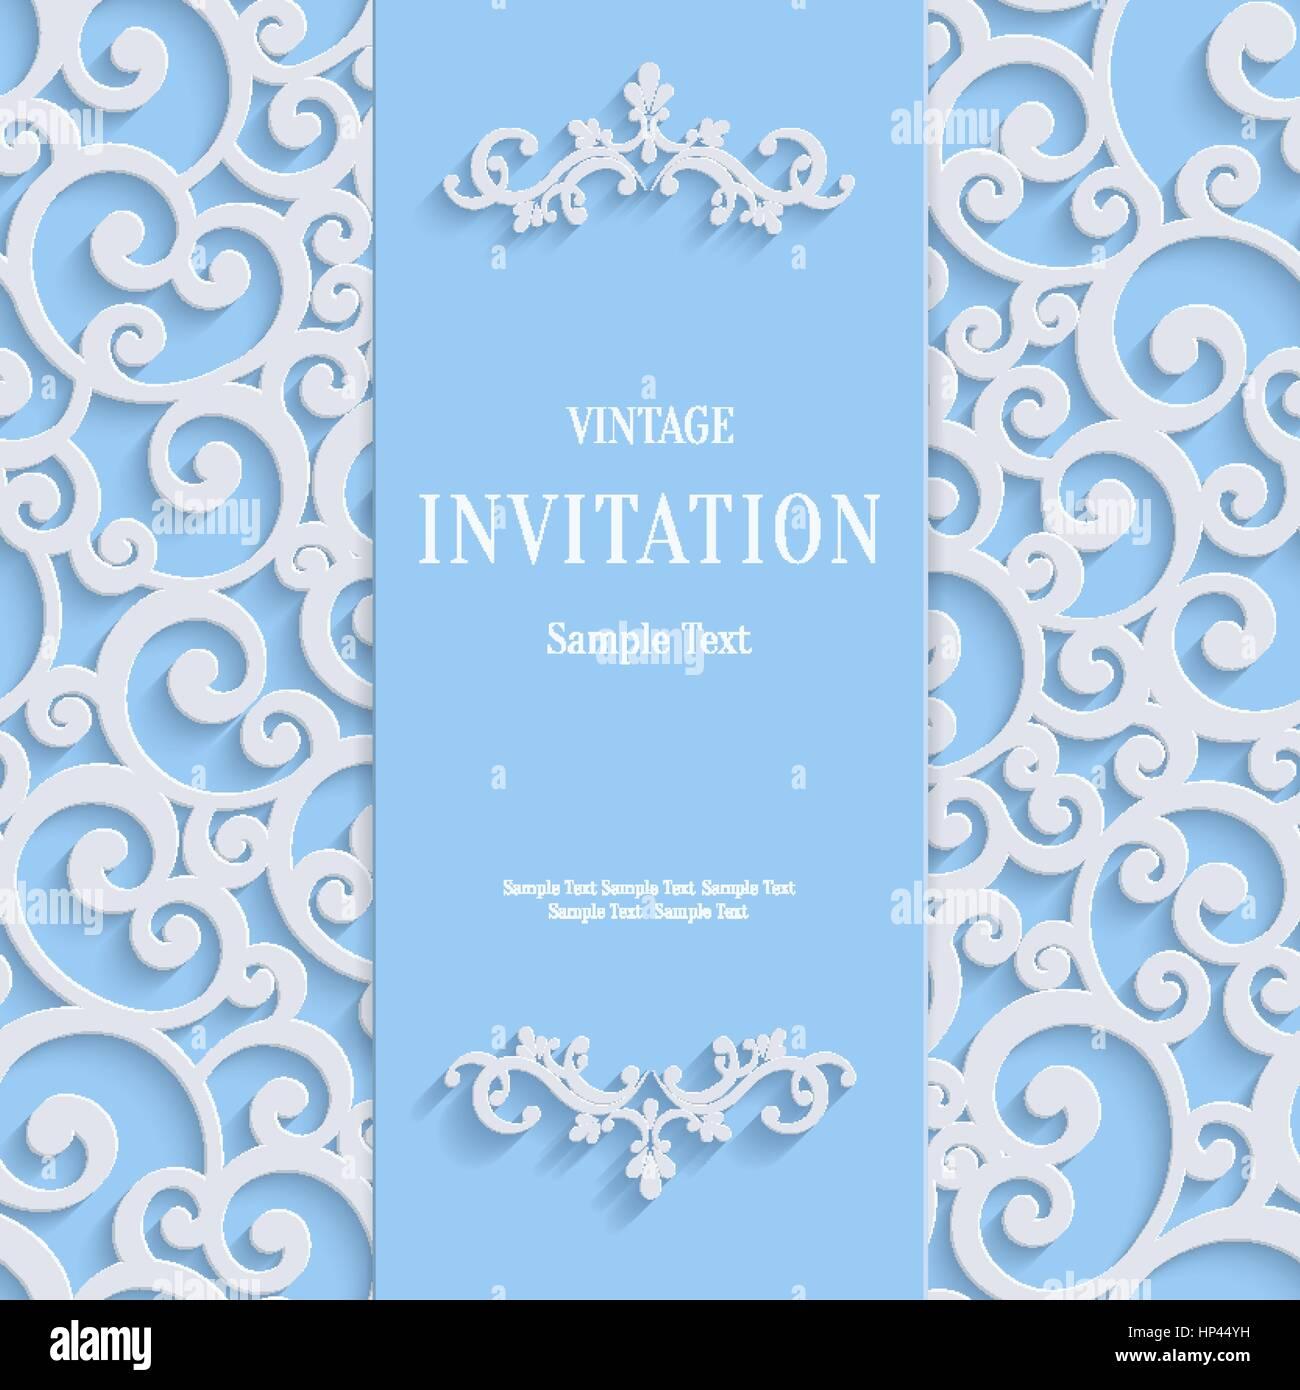 Blaue 3d Floralen Curl Hintergrund Mit Wirbel Damast Muster Für Weihnachten  Oder Hochzeit Oder Einladung Kardinal Vector Vintage Design Vorlage